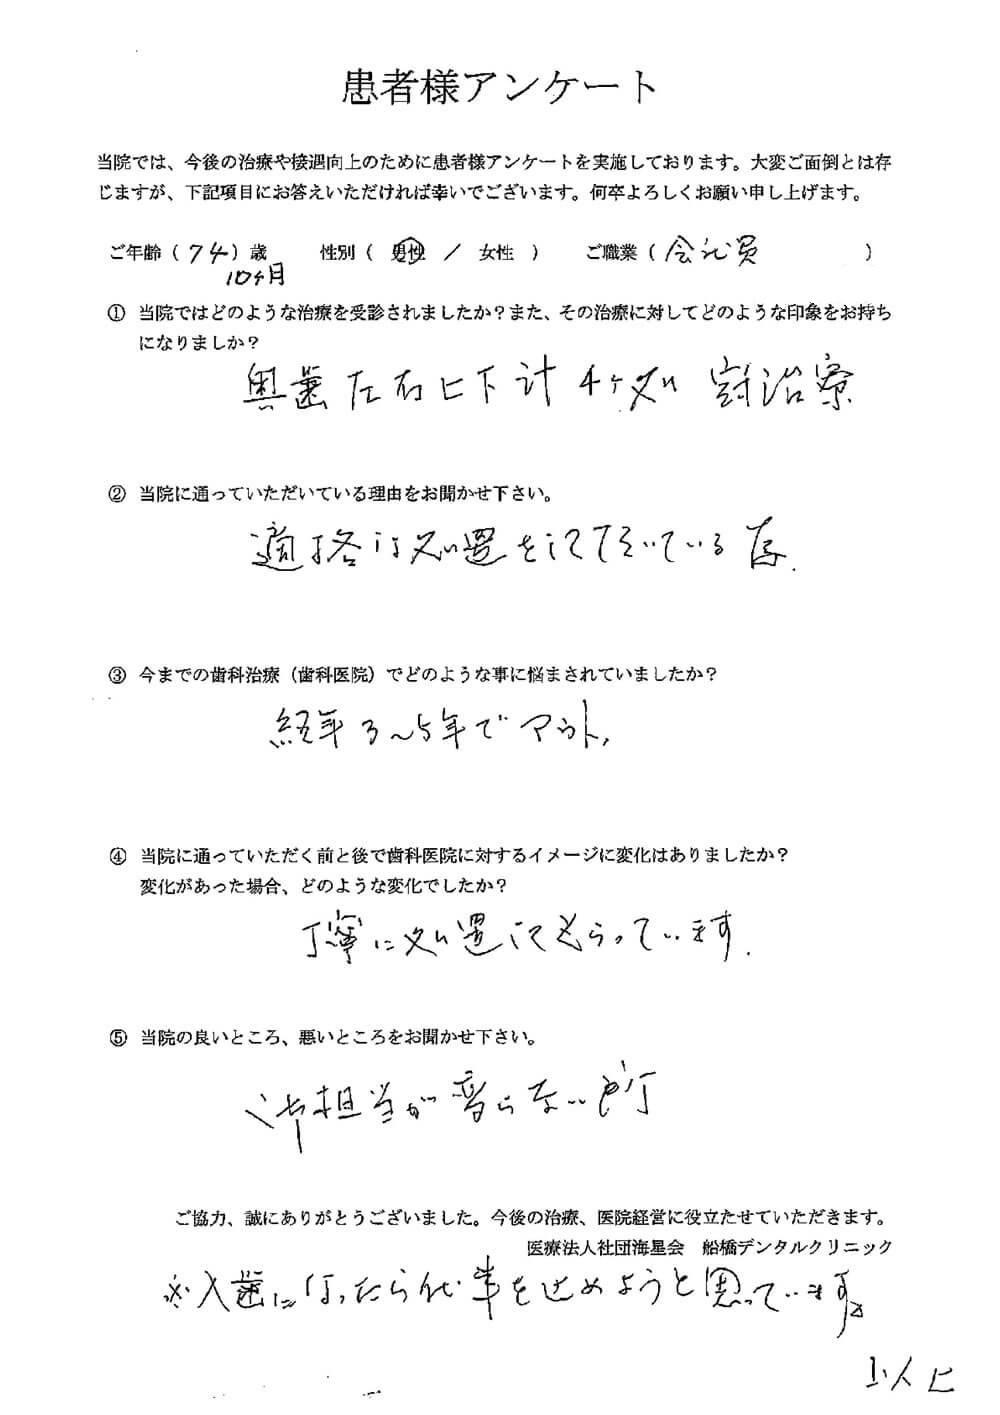 船橋デンタルクリニックの口コミ・評判アンケート6